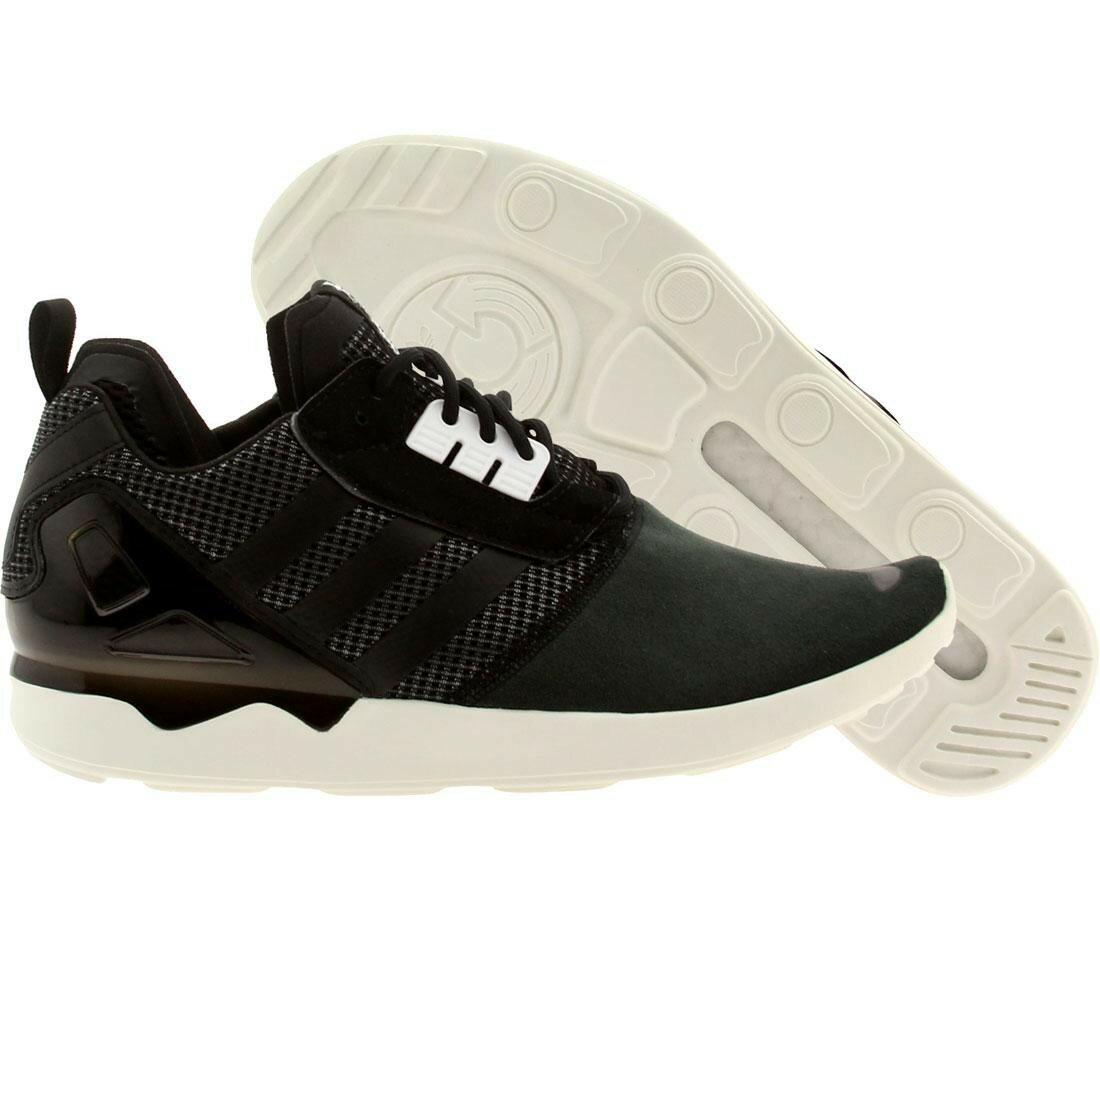 メンズ靴, スニーカー  ADIDAS MEN ZX 8000 BOOST BLACK WHITE